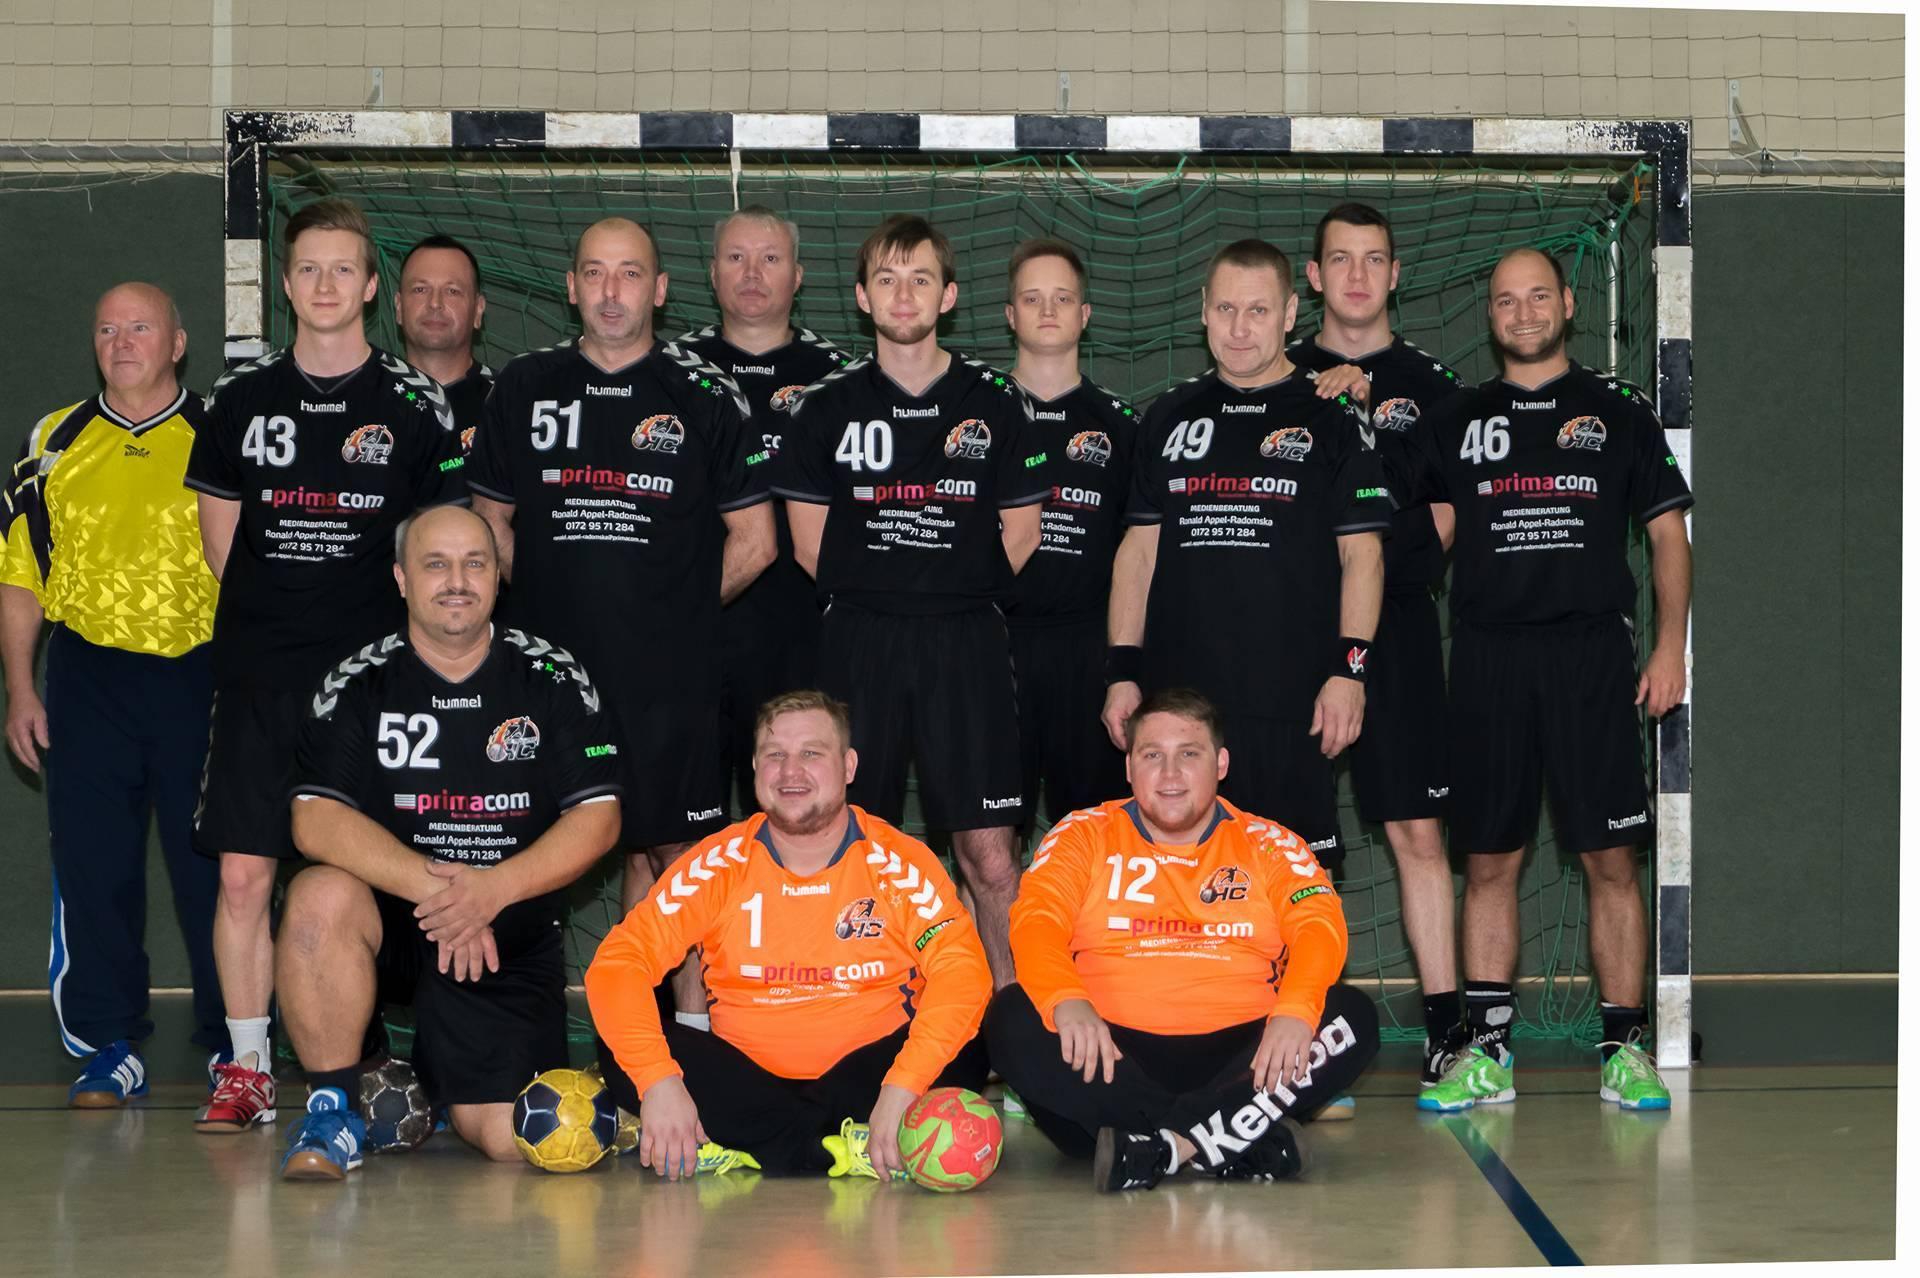 SV Chemnitz Harthau e.V. - Handball